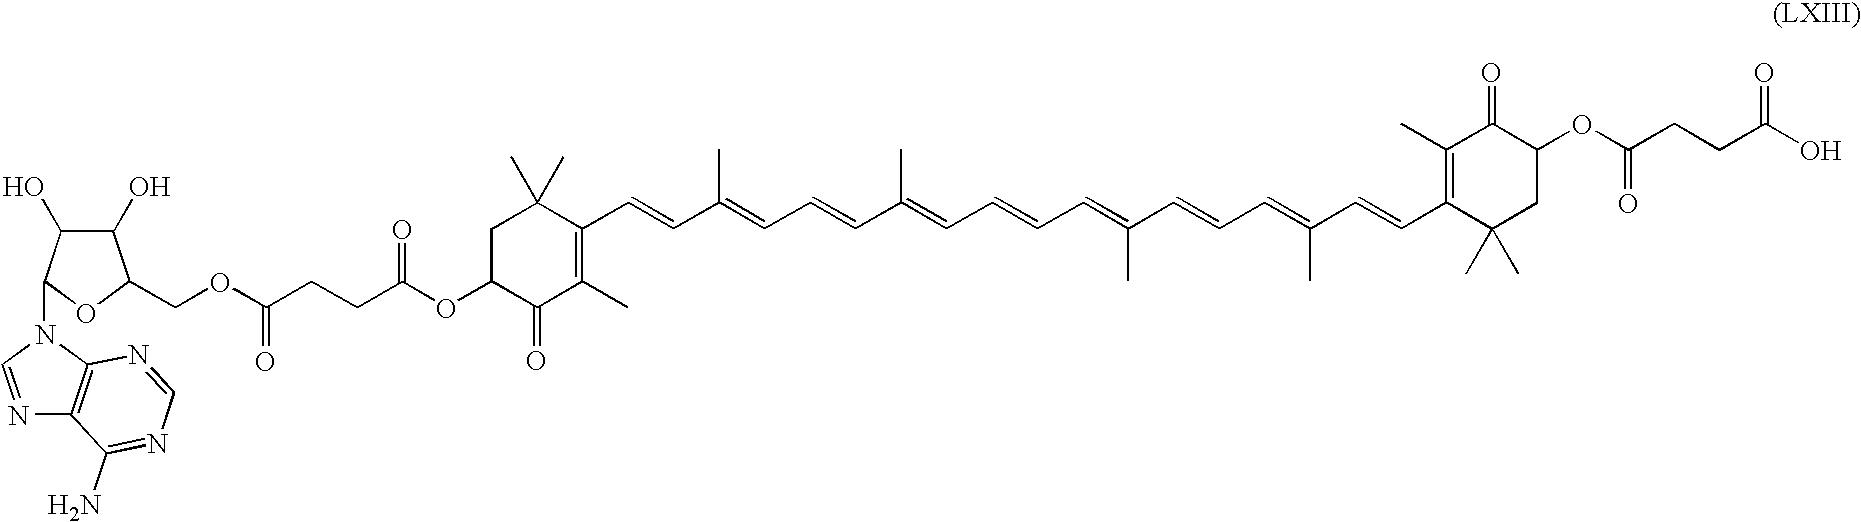 Figure US07320997-20080122-C00085